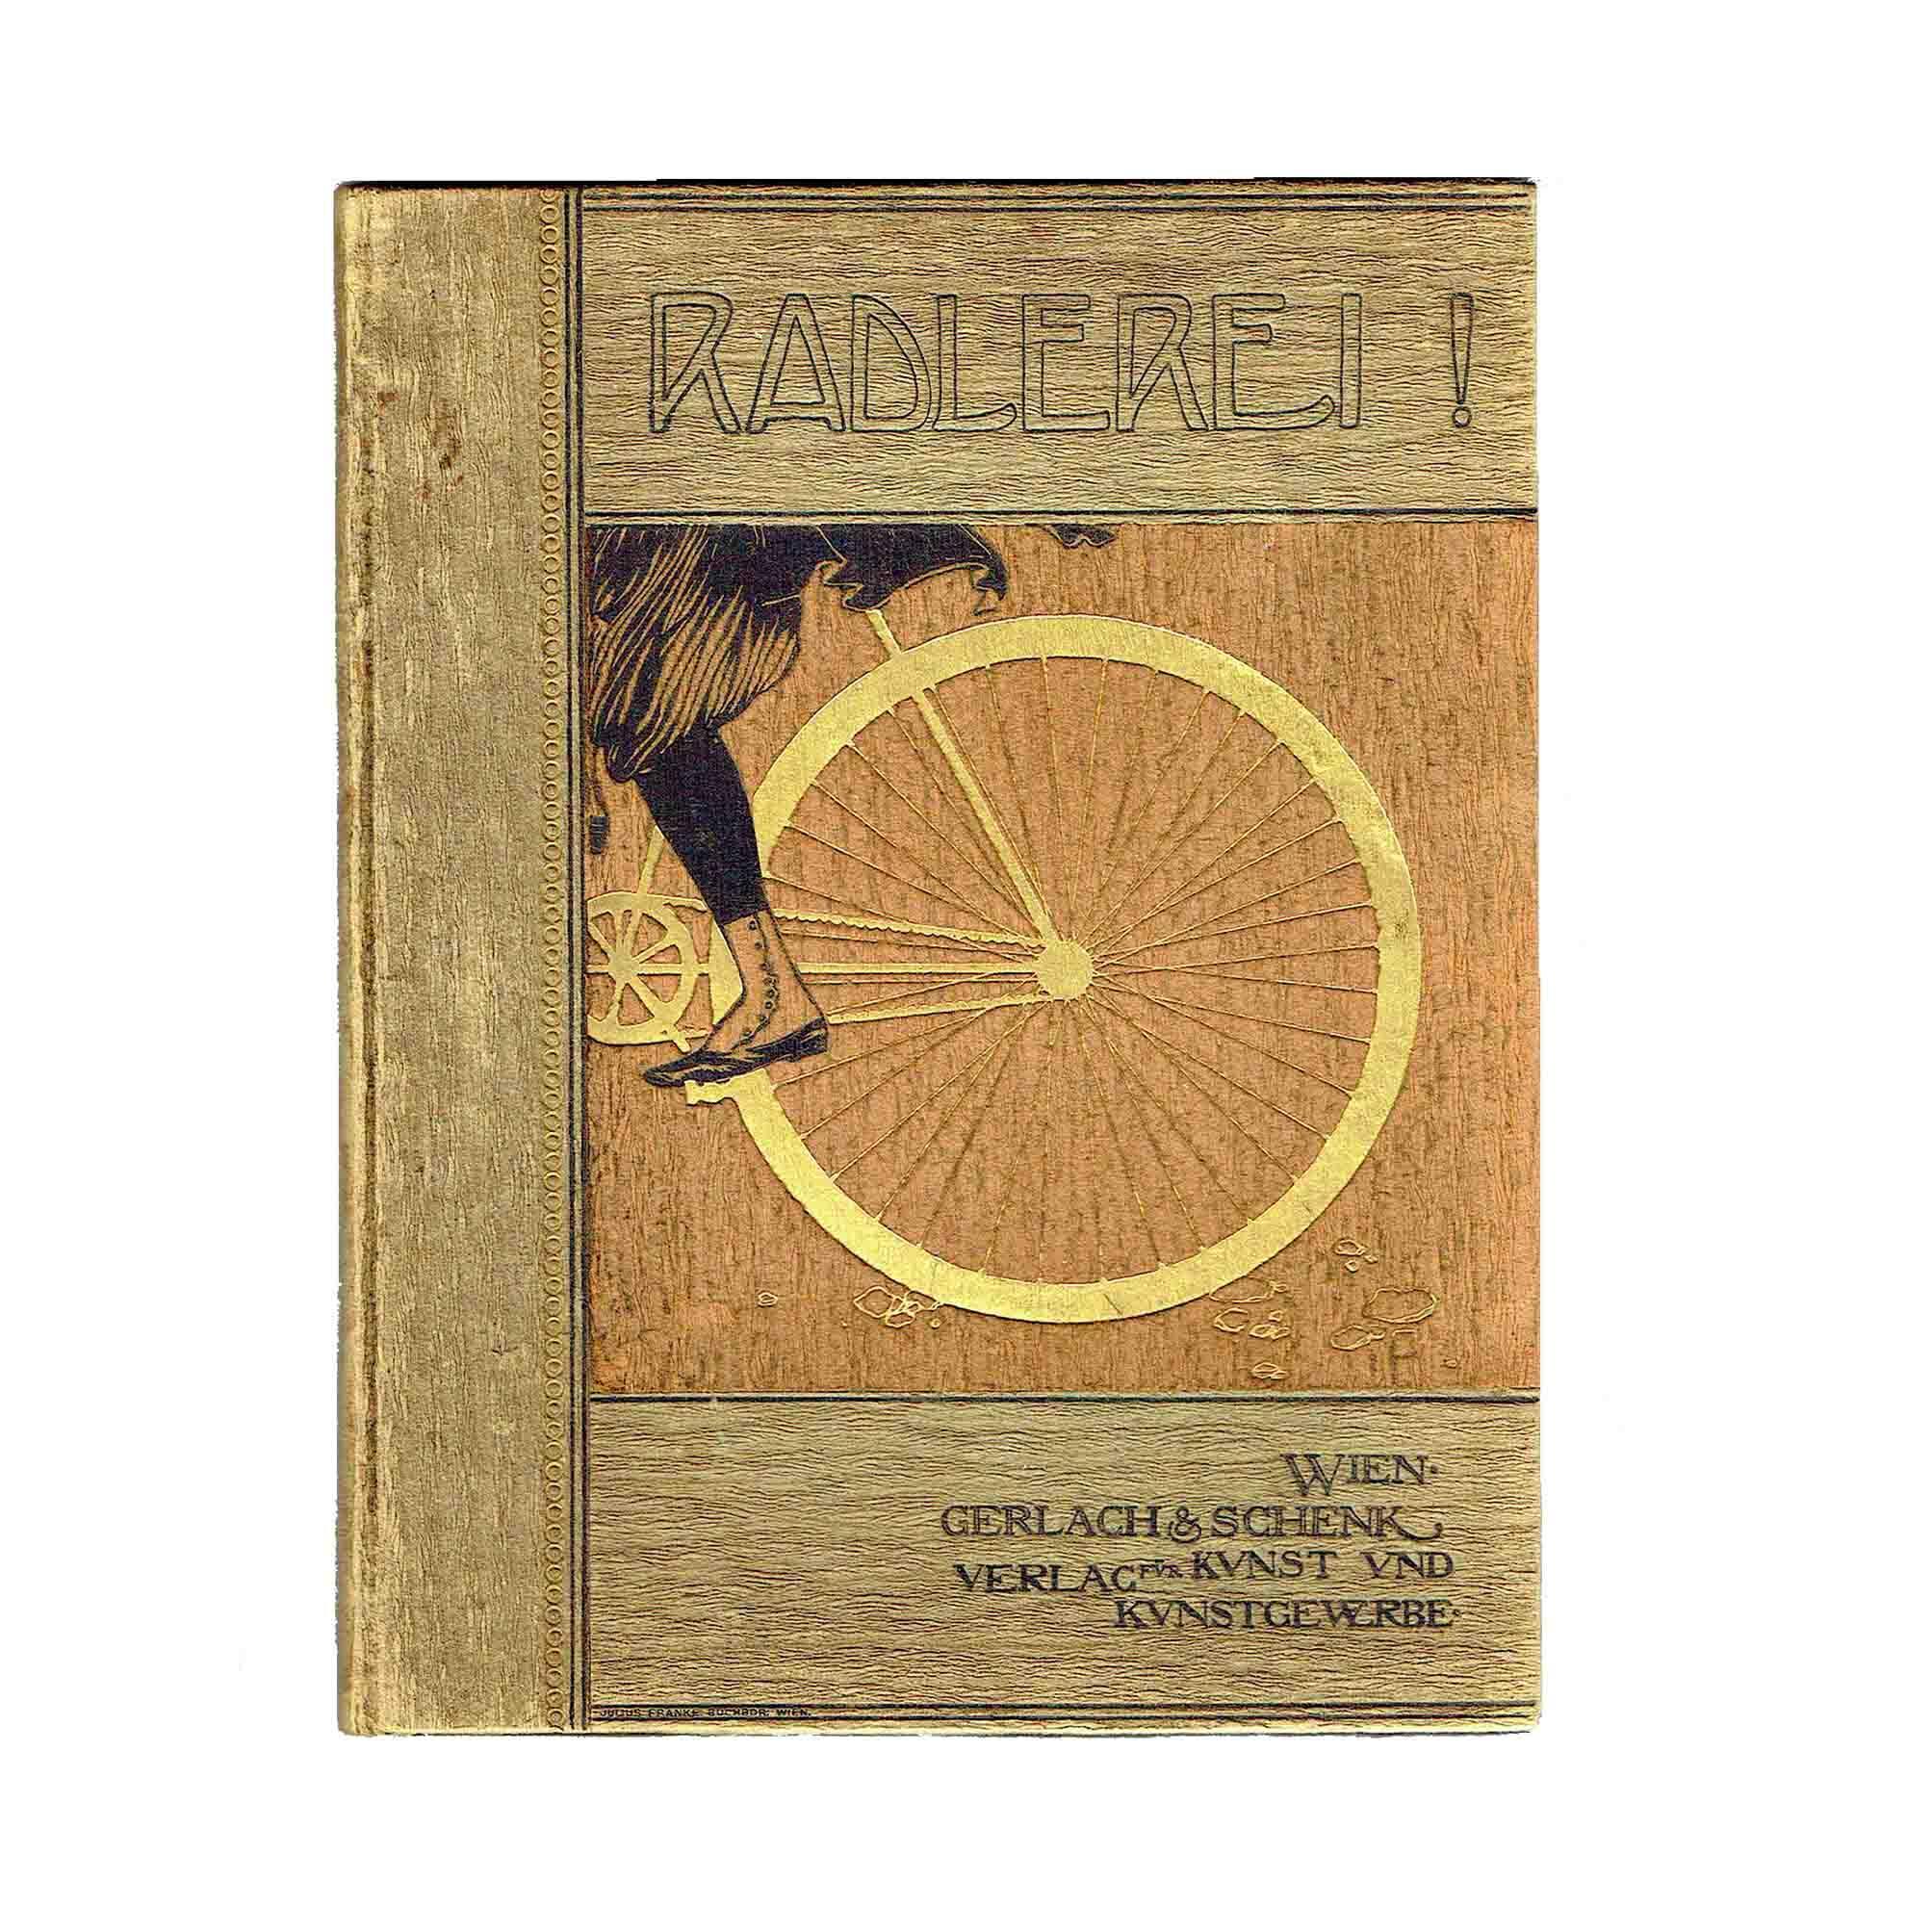 5526 Radlerei Wien Jugendstil 1897 Einband 2 frei N